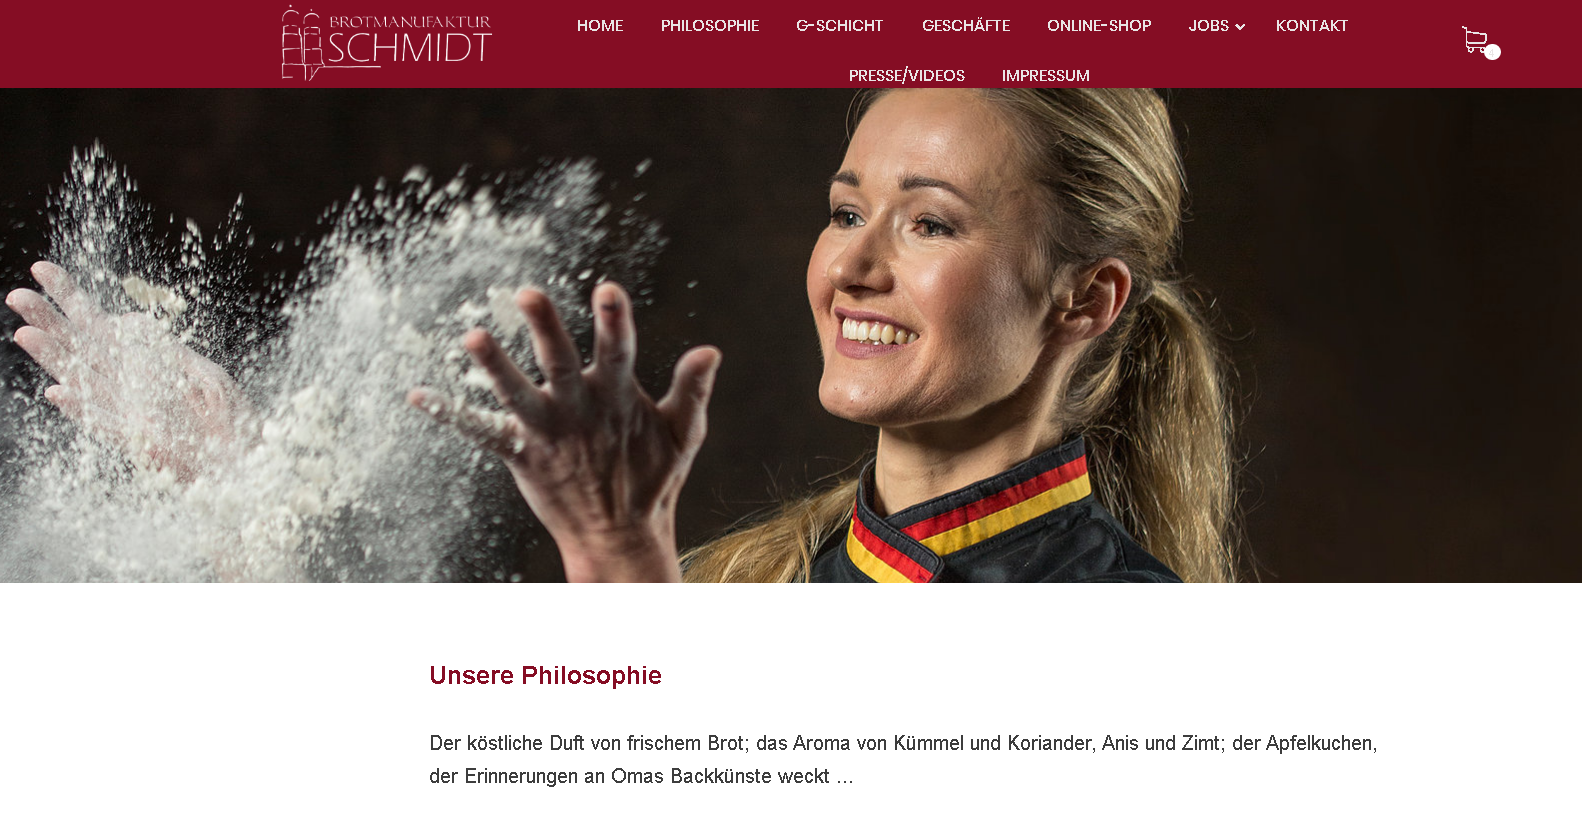 Brotmanufaktur Schmidt München 2018